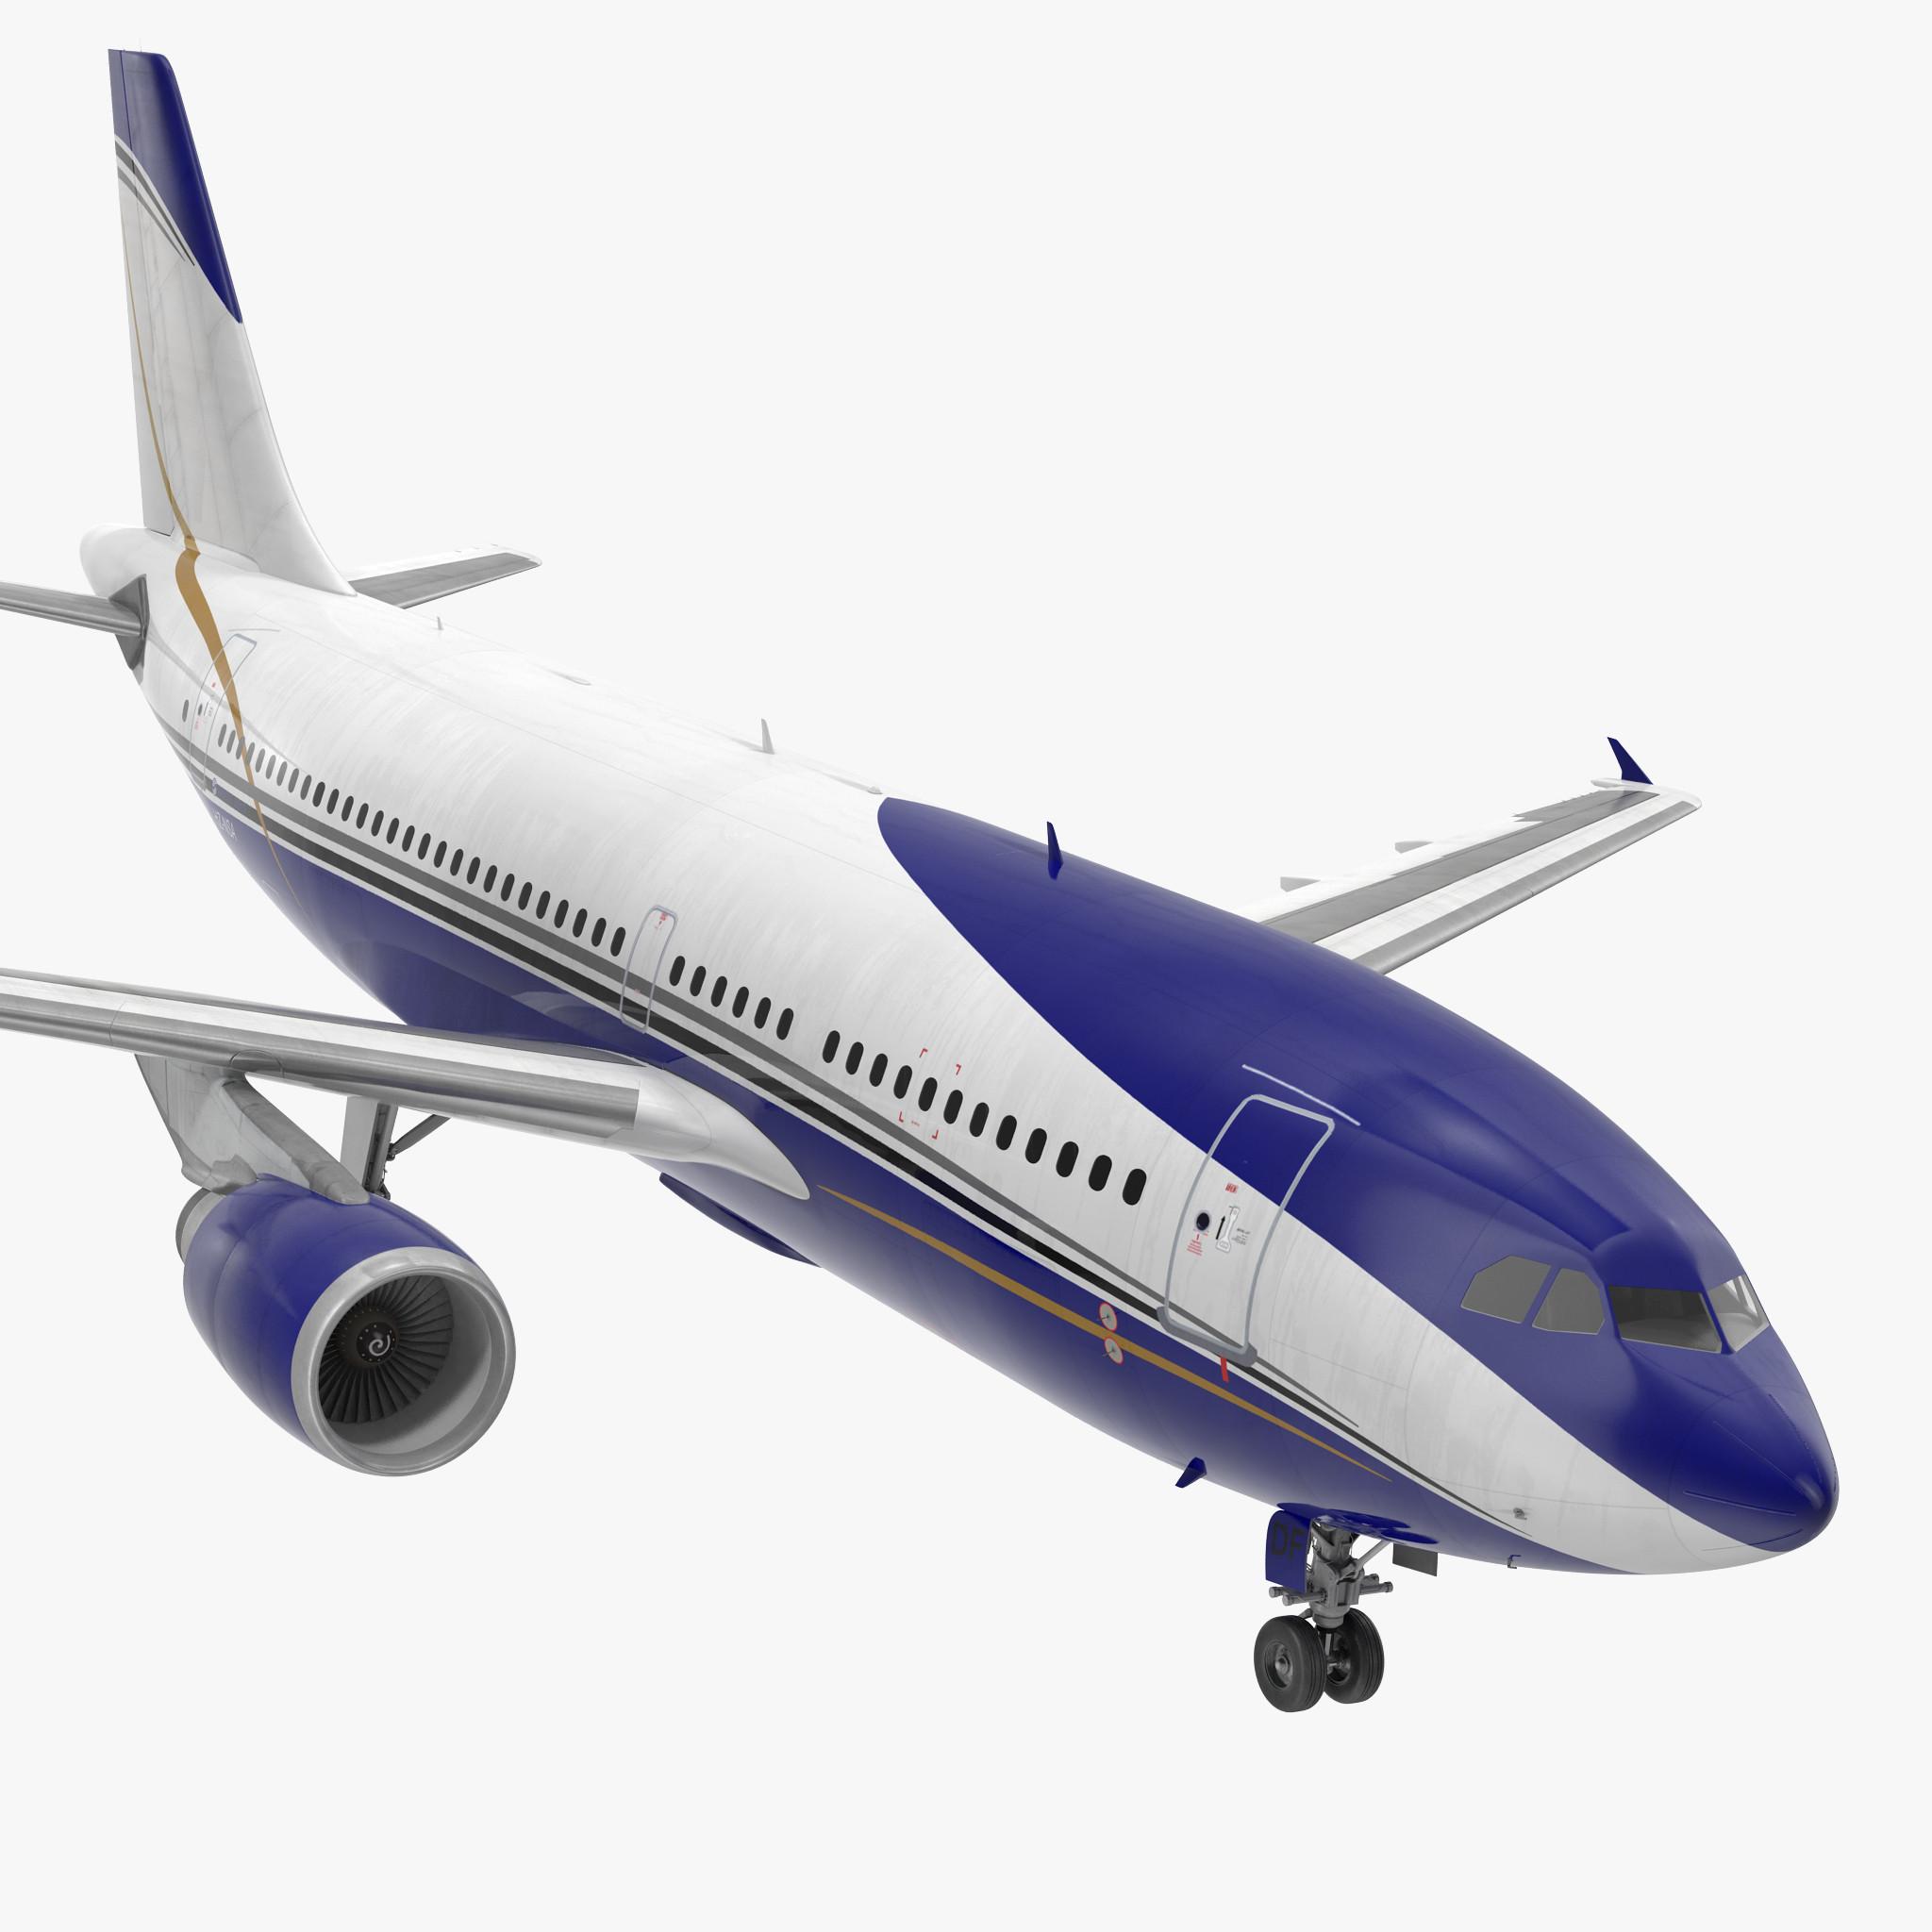 Airbus_A310-300_000.jpg